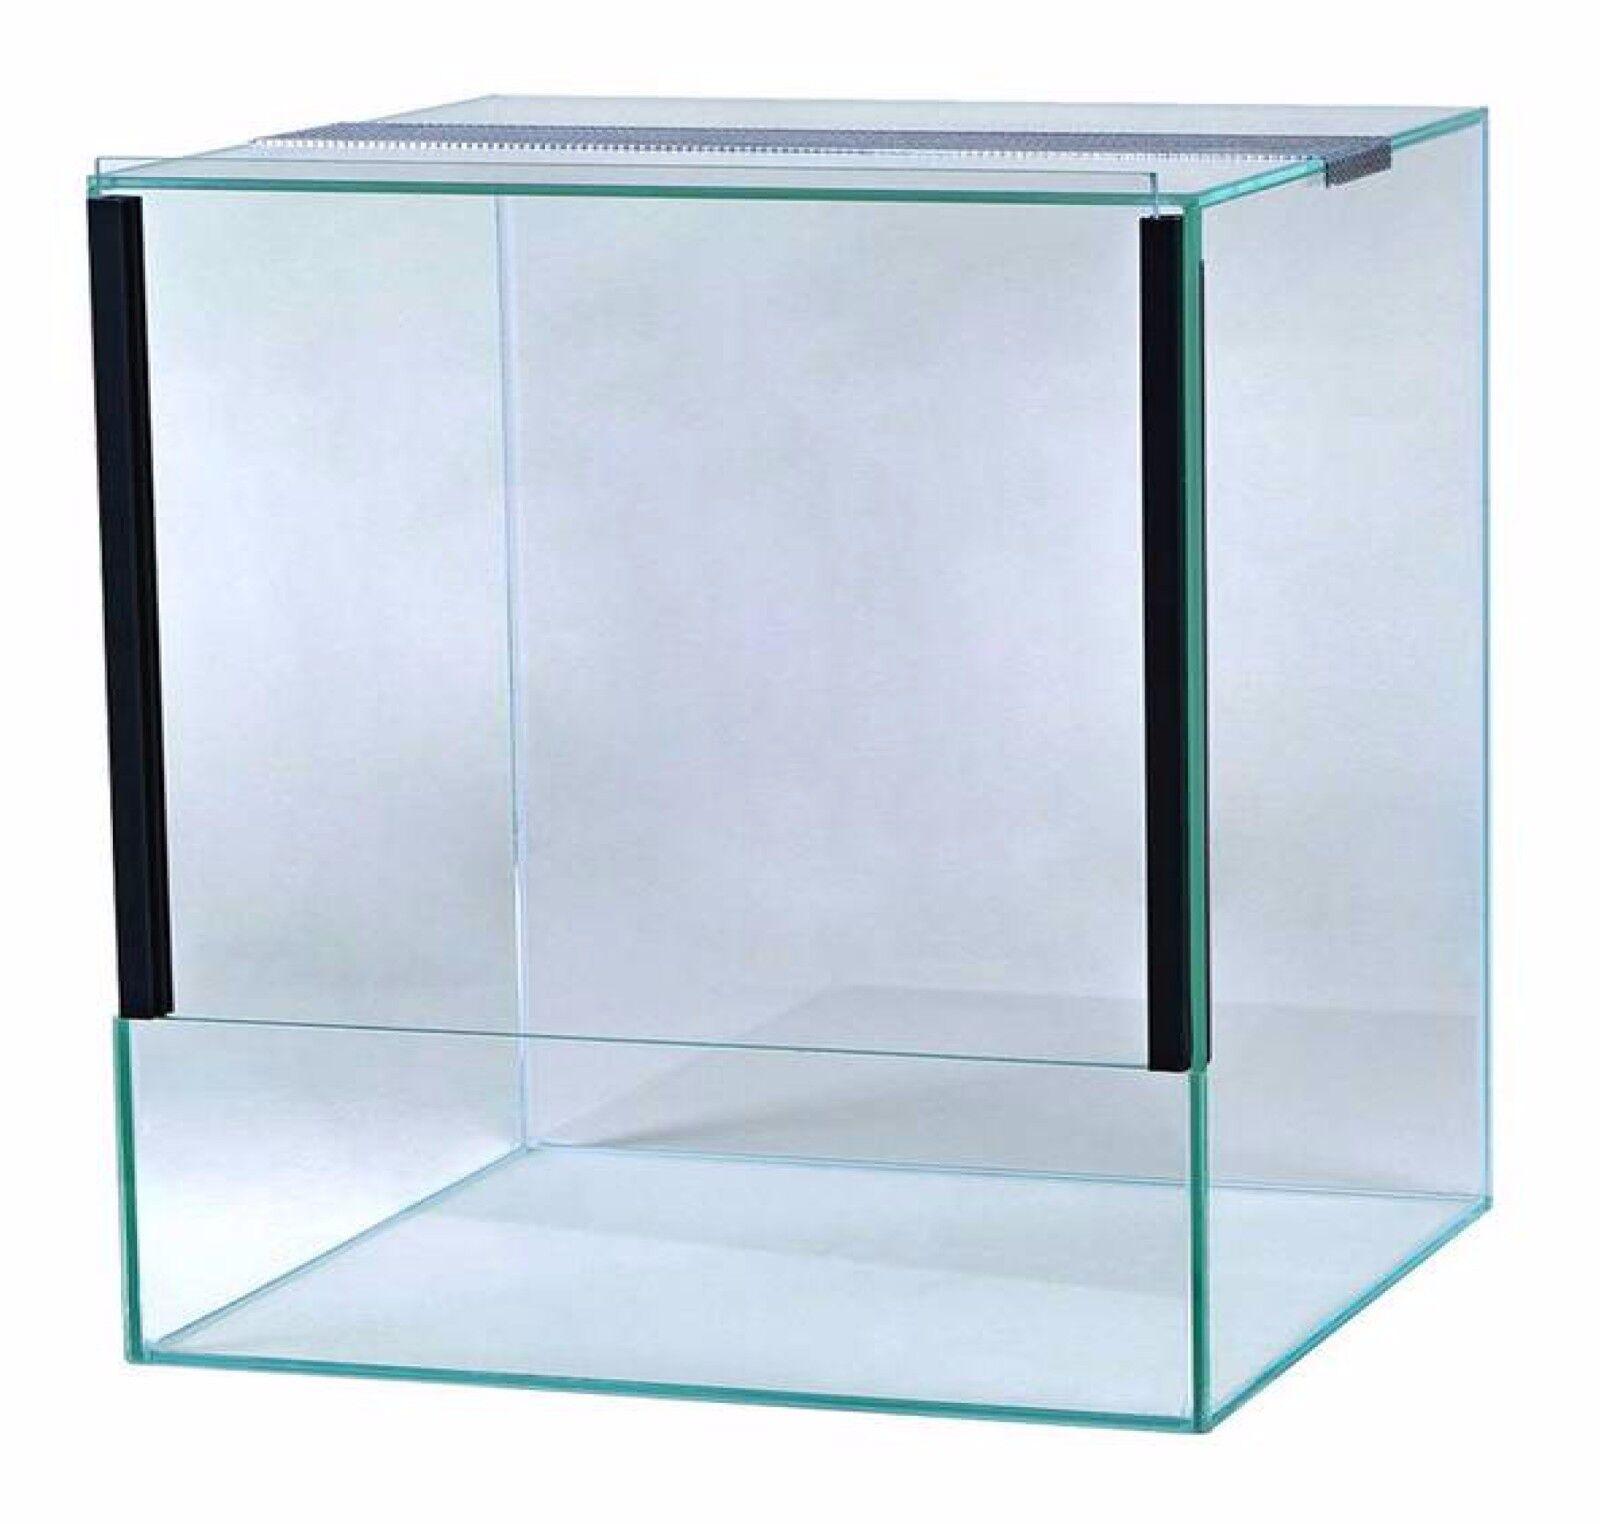 Glas Terrarium Schiebetür Falltür Glasterrarium Reptilien Spinnen viele Größen 20x30x20 Falltür